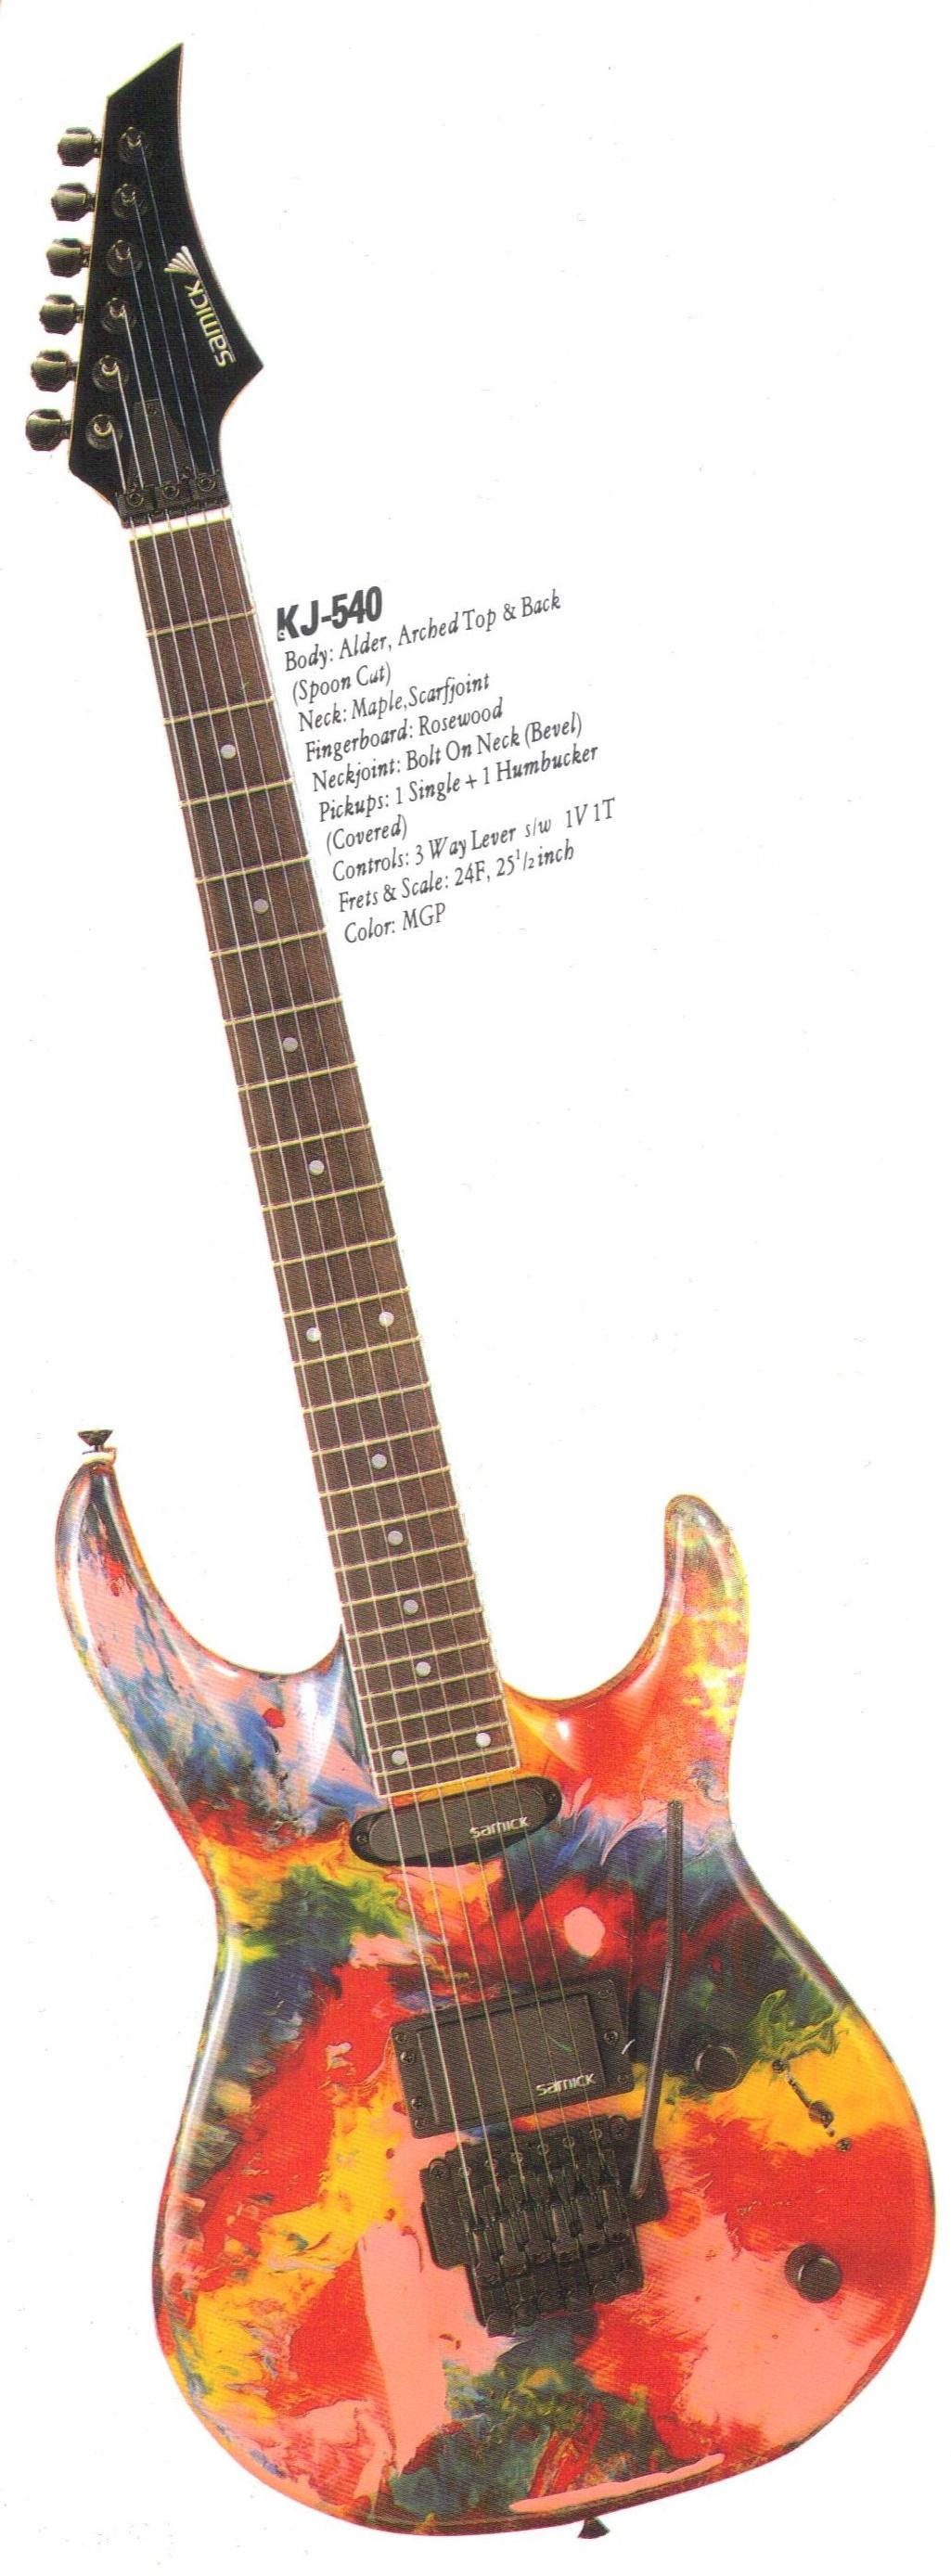 samick kr guitar wiring diagrams wiring diagram libraries samick kr guitar wiring diagrams